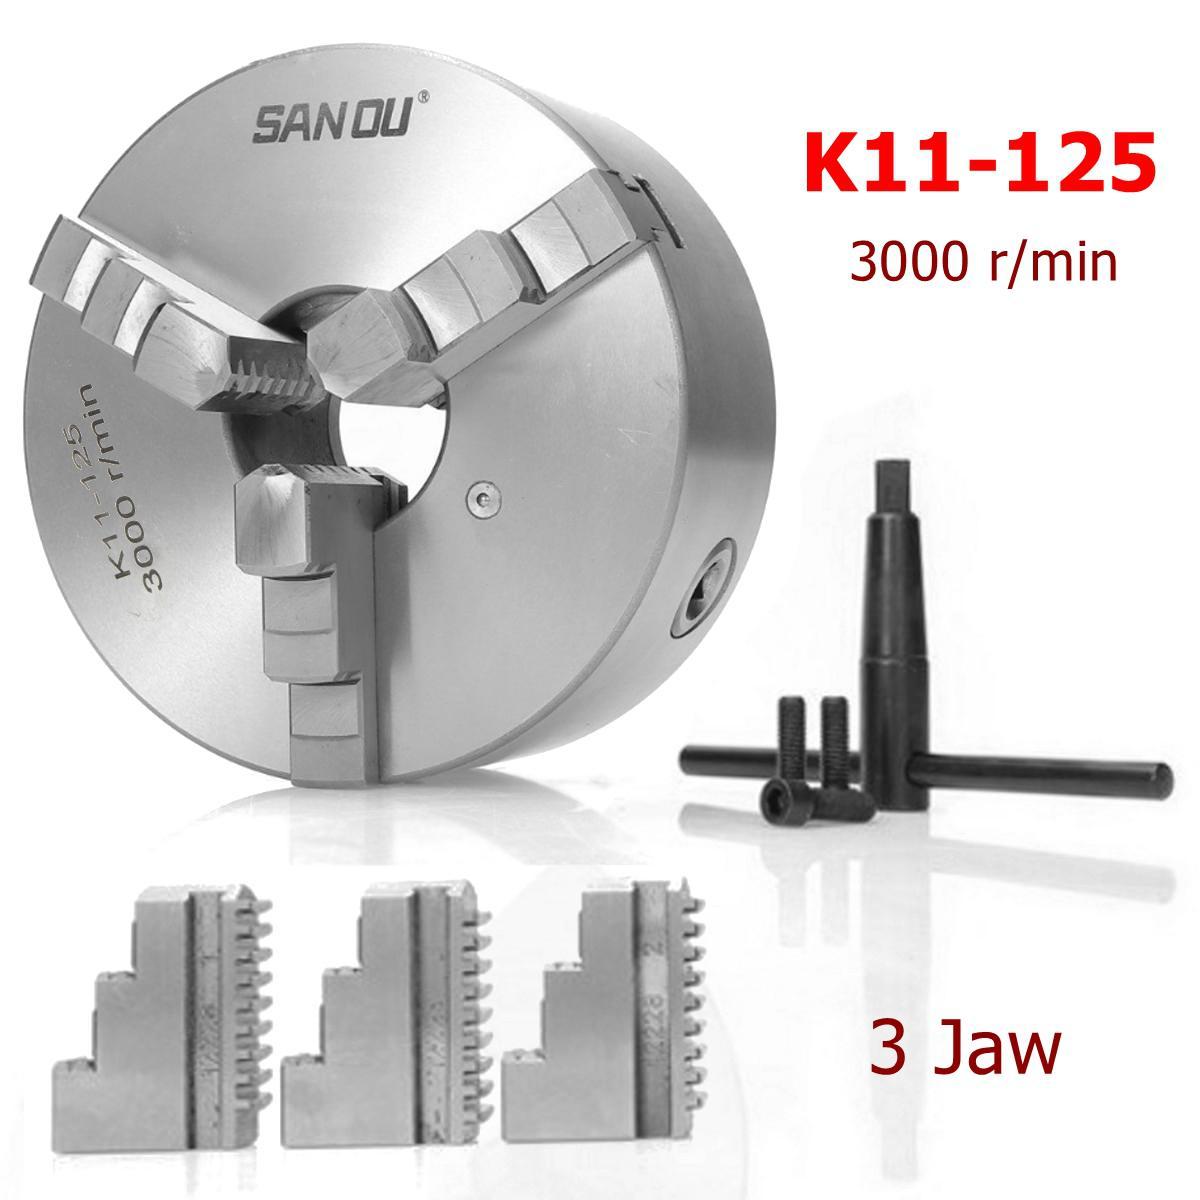 SANOU K11-125, mandril de torno de 3 mordazas de 125mm, herramienta Reversible autocentrante endurecida para Taladradora